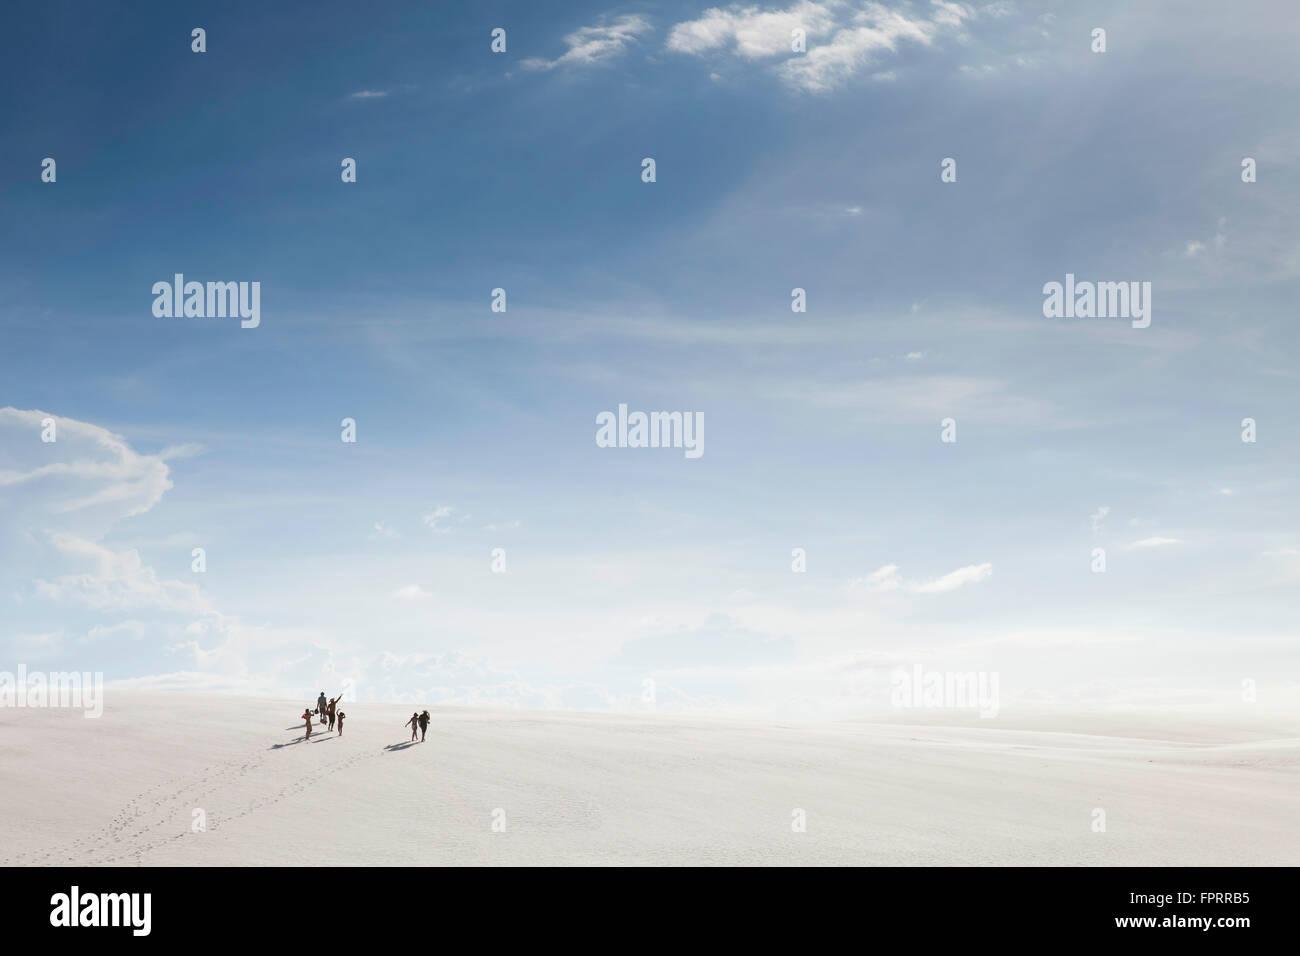 South America, Brazil, Maranhao, Lencois Maranhenses national park, hikers in sand dunes near Barreirinhas - Stock Image